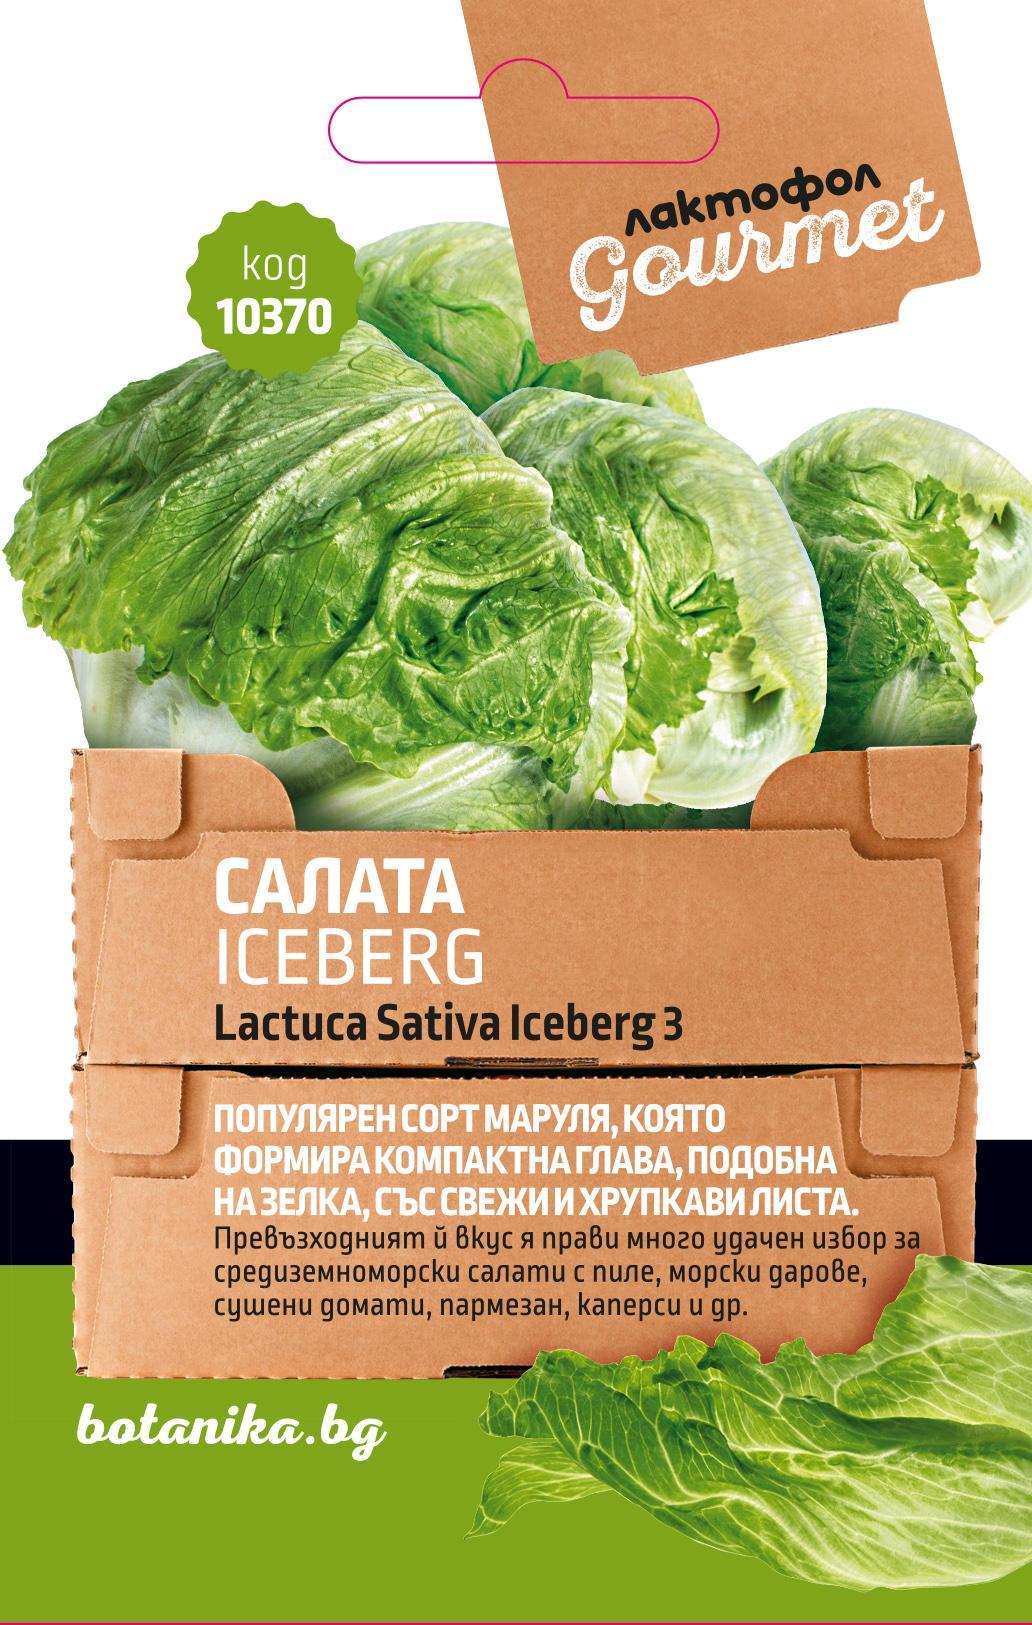 Лактофол ГУРМЕ салата Iceberg